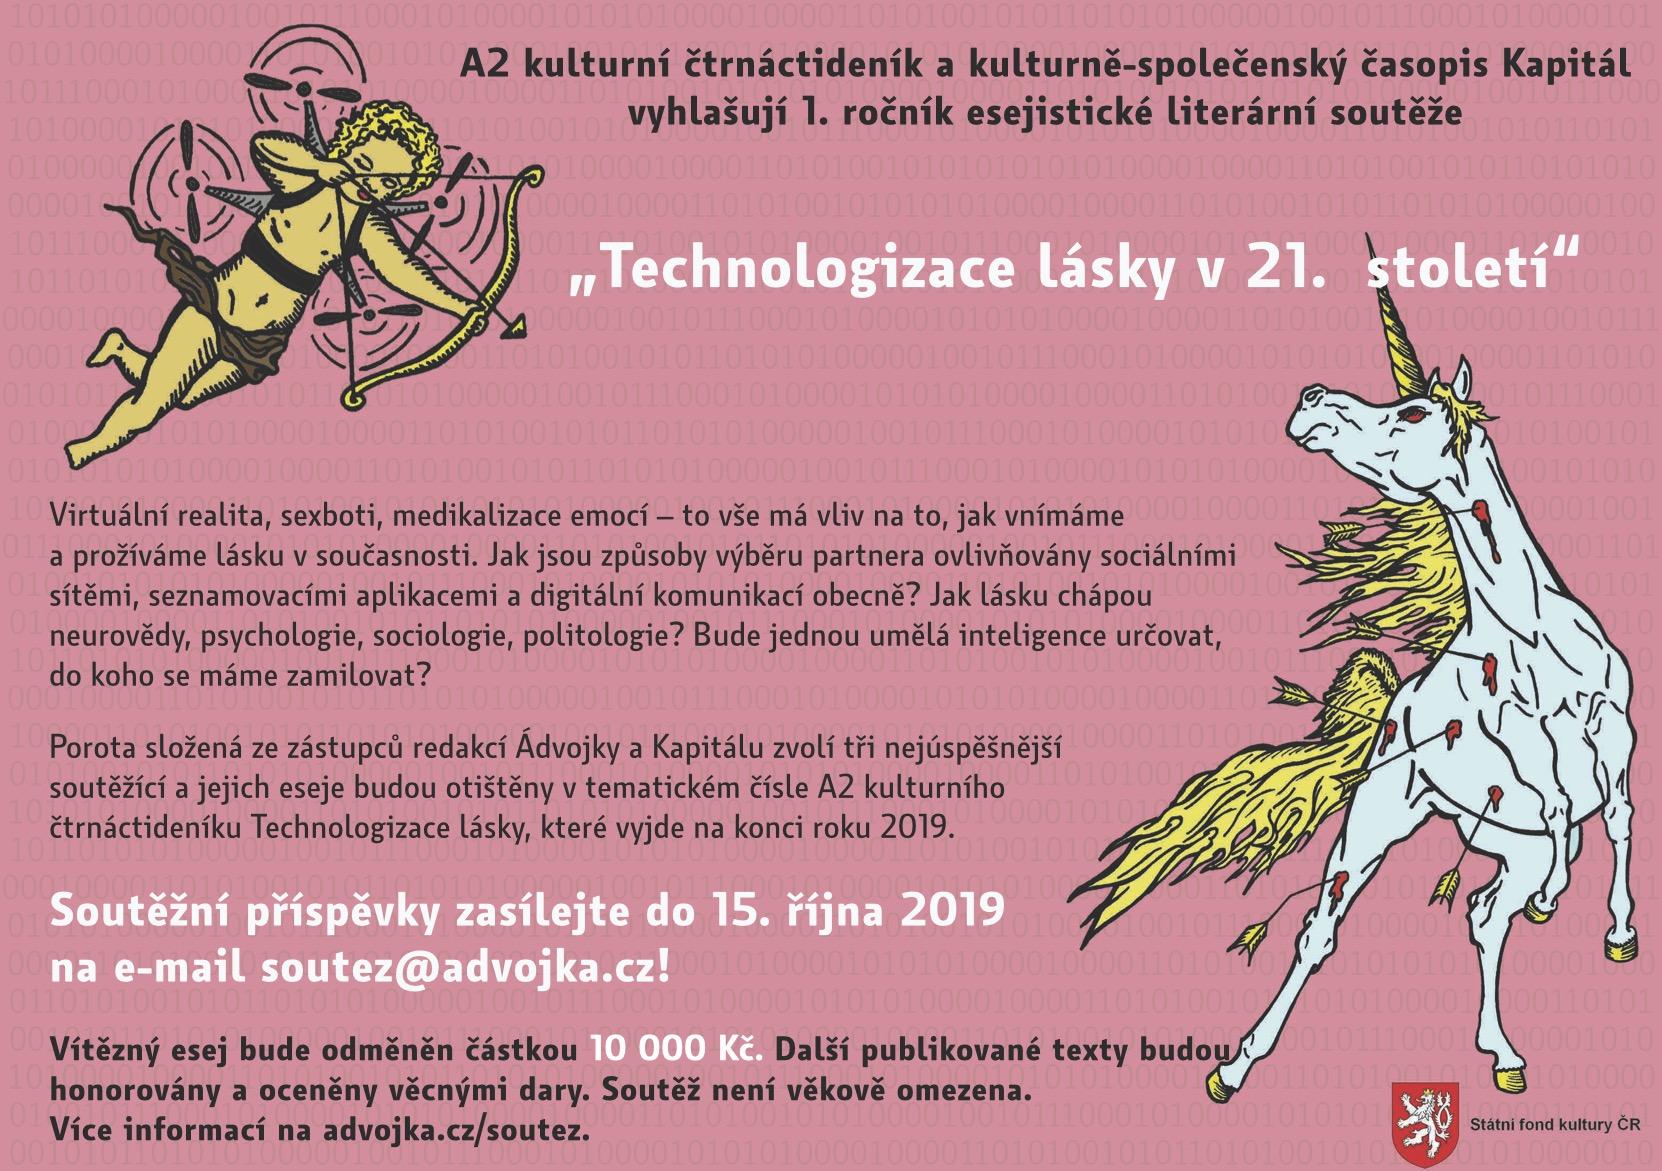 Literární soutěž Technologizace lásky